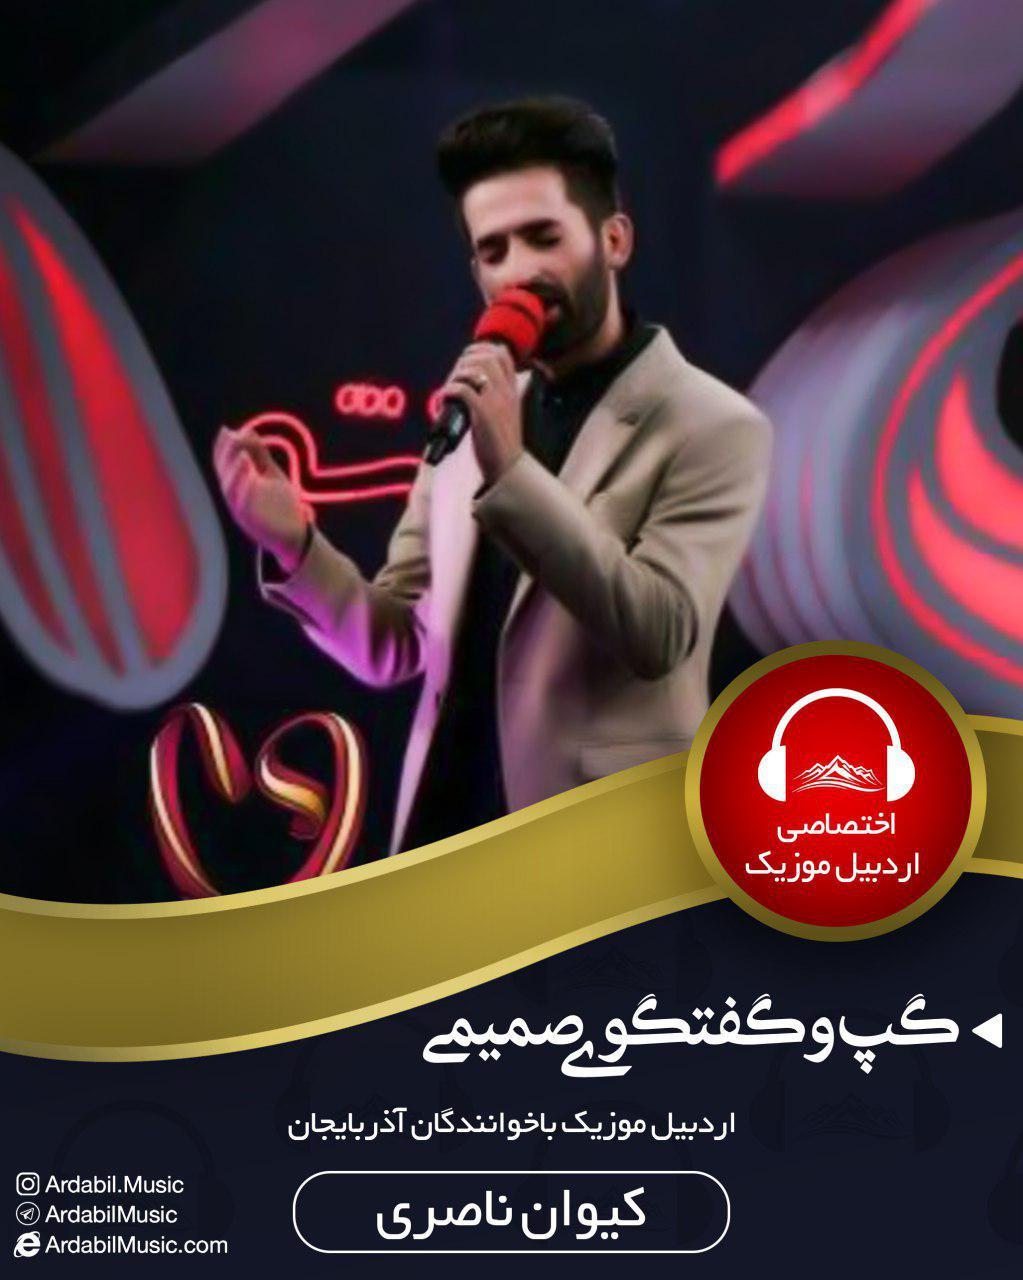 مصاحبه اختصاصی با کیوان ناصری